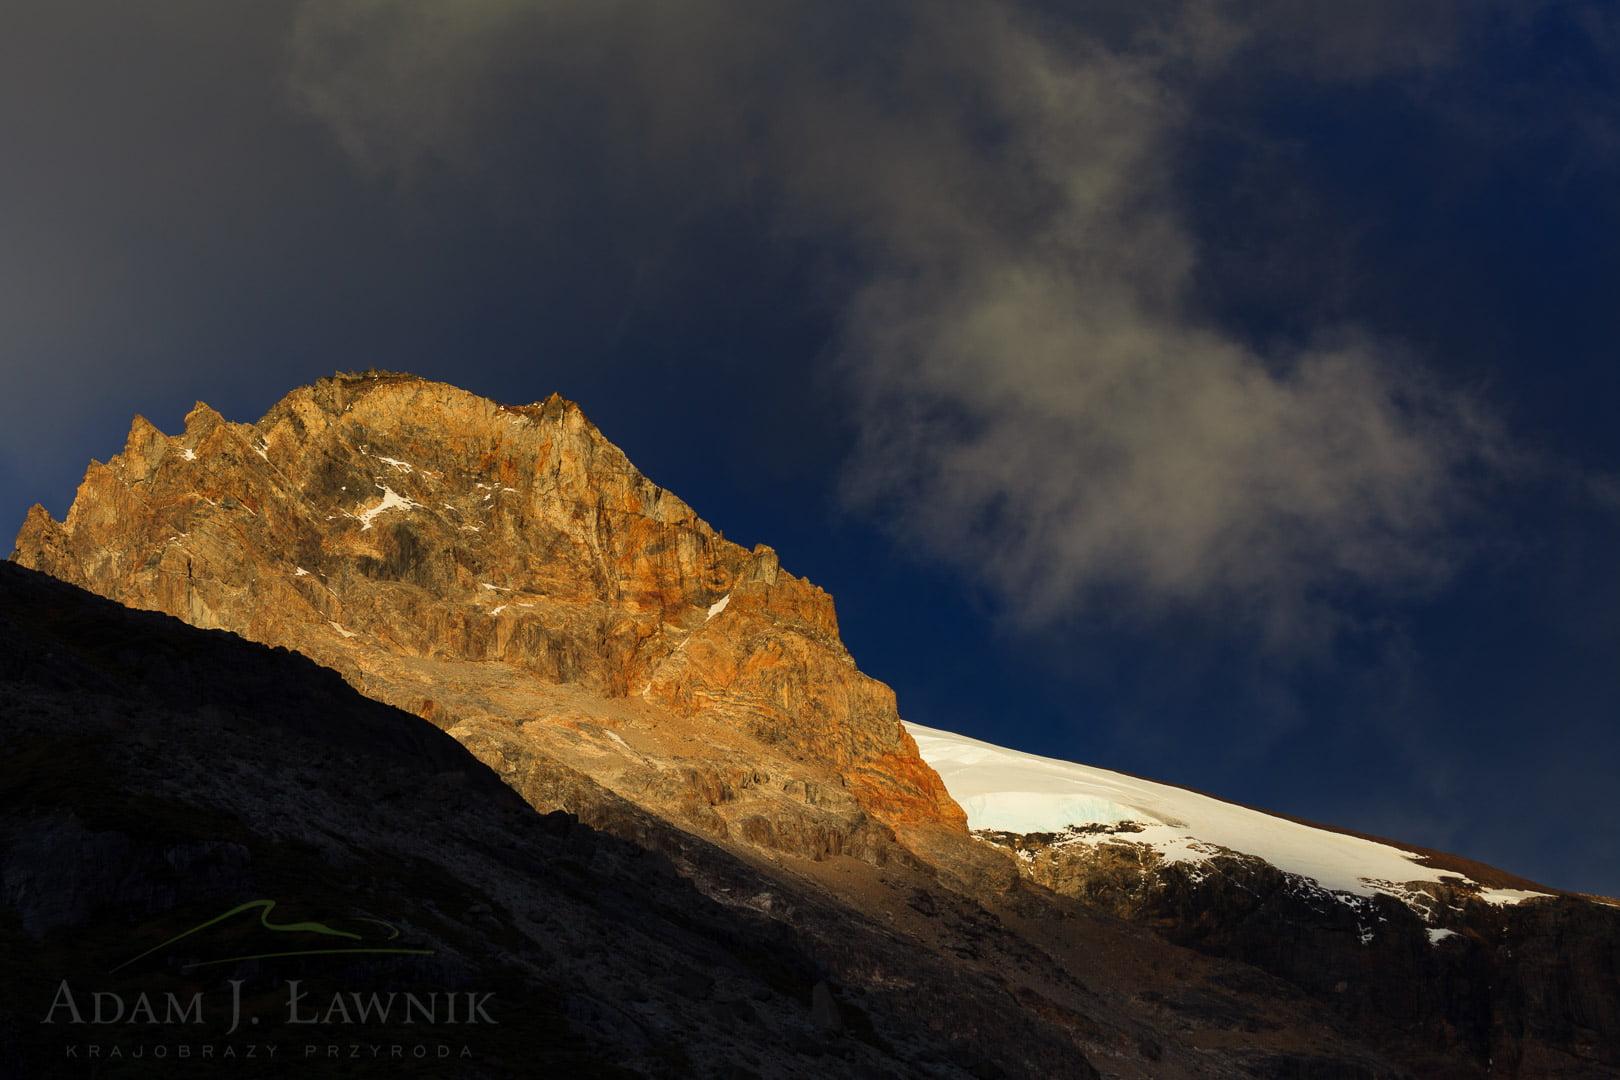 Patagonia, Argentina 1203-00675C